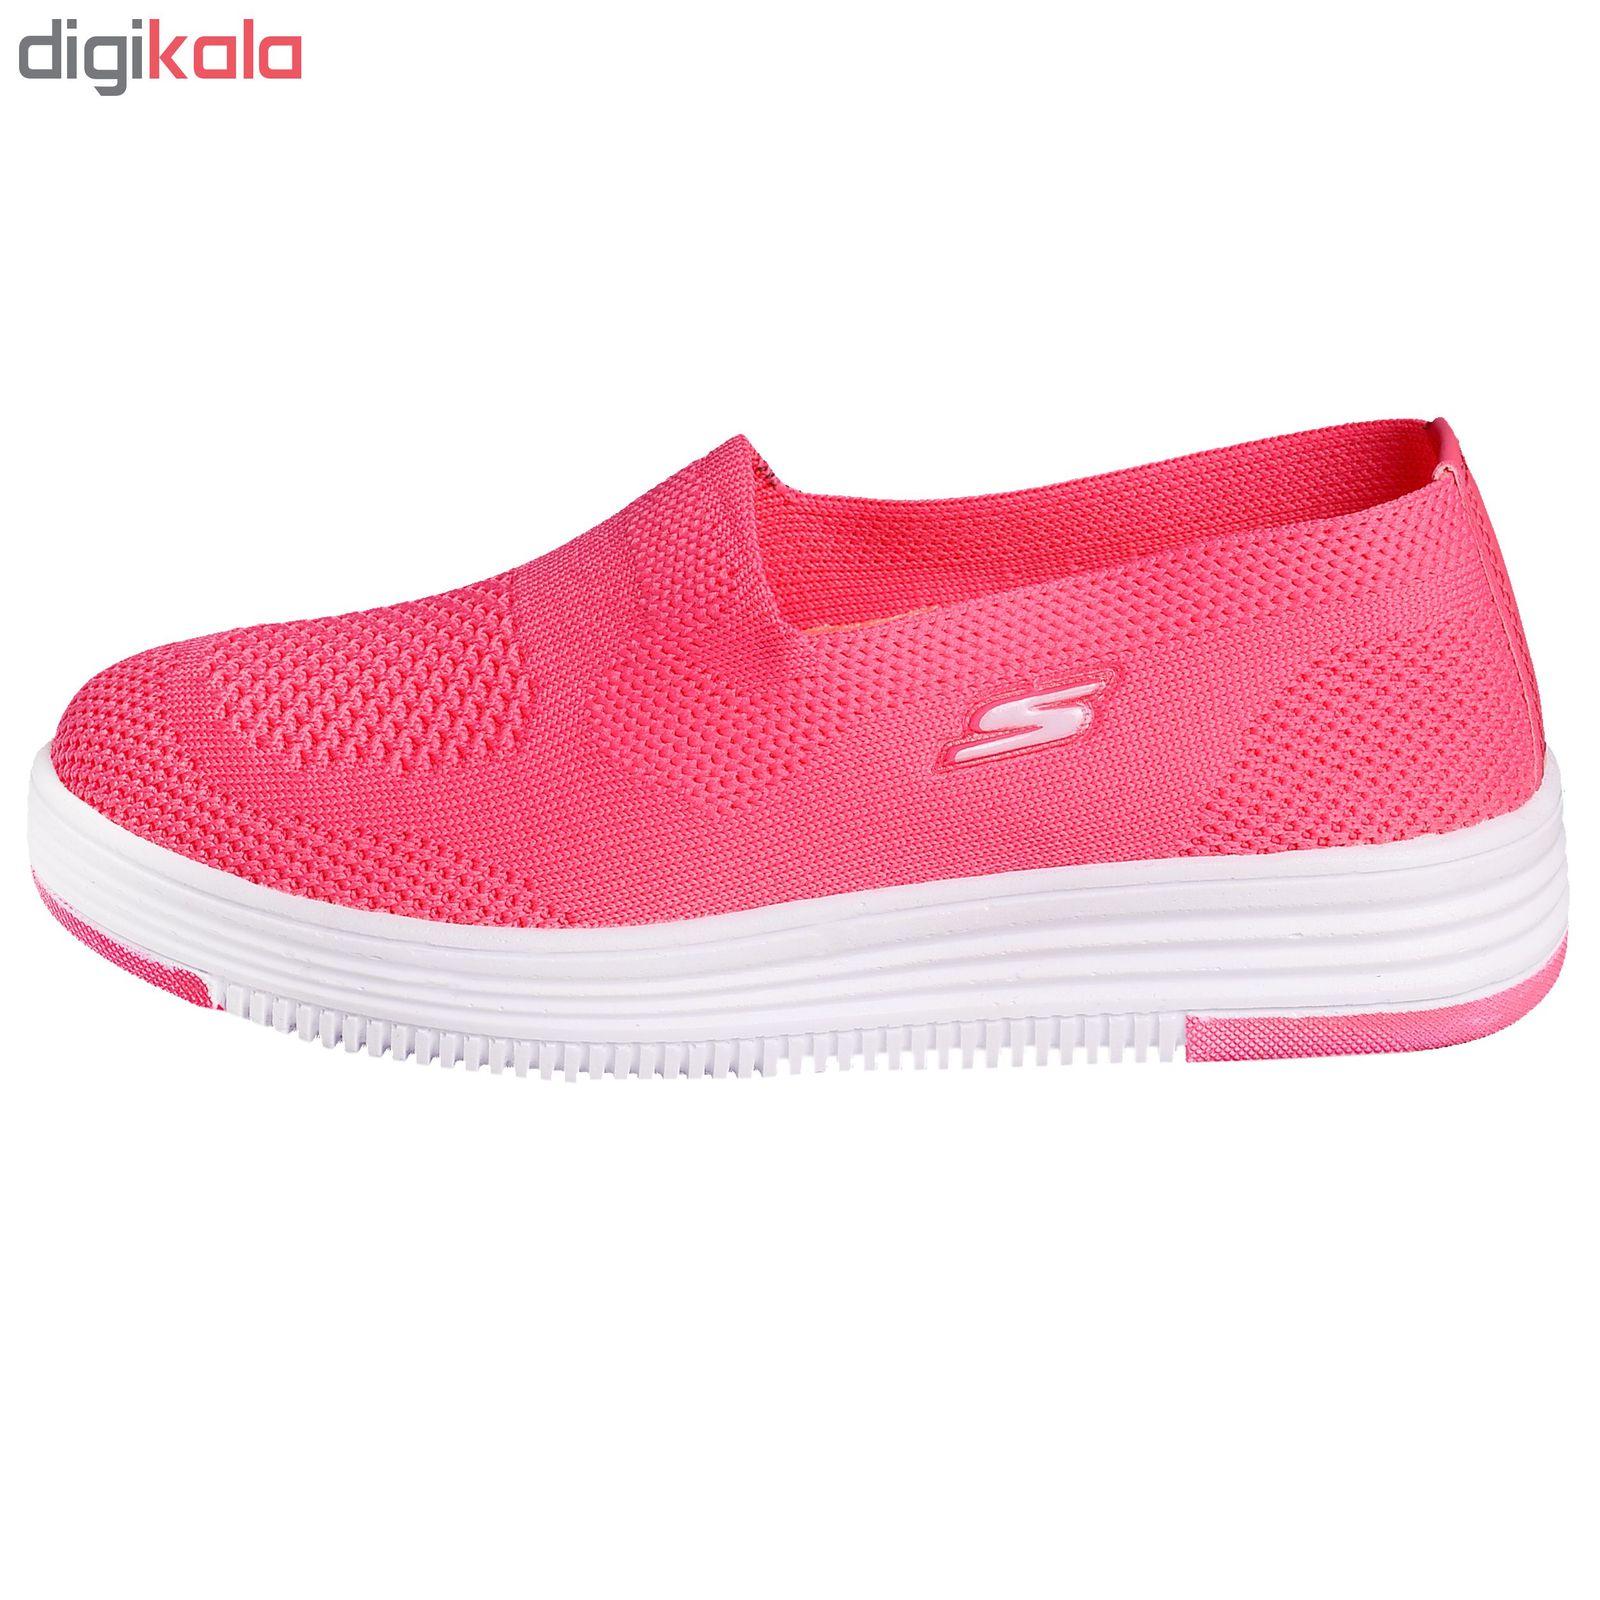 کفش راحتی دخترانه کد 3500-3 main 1 5